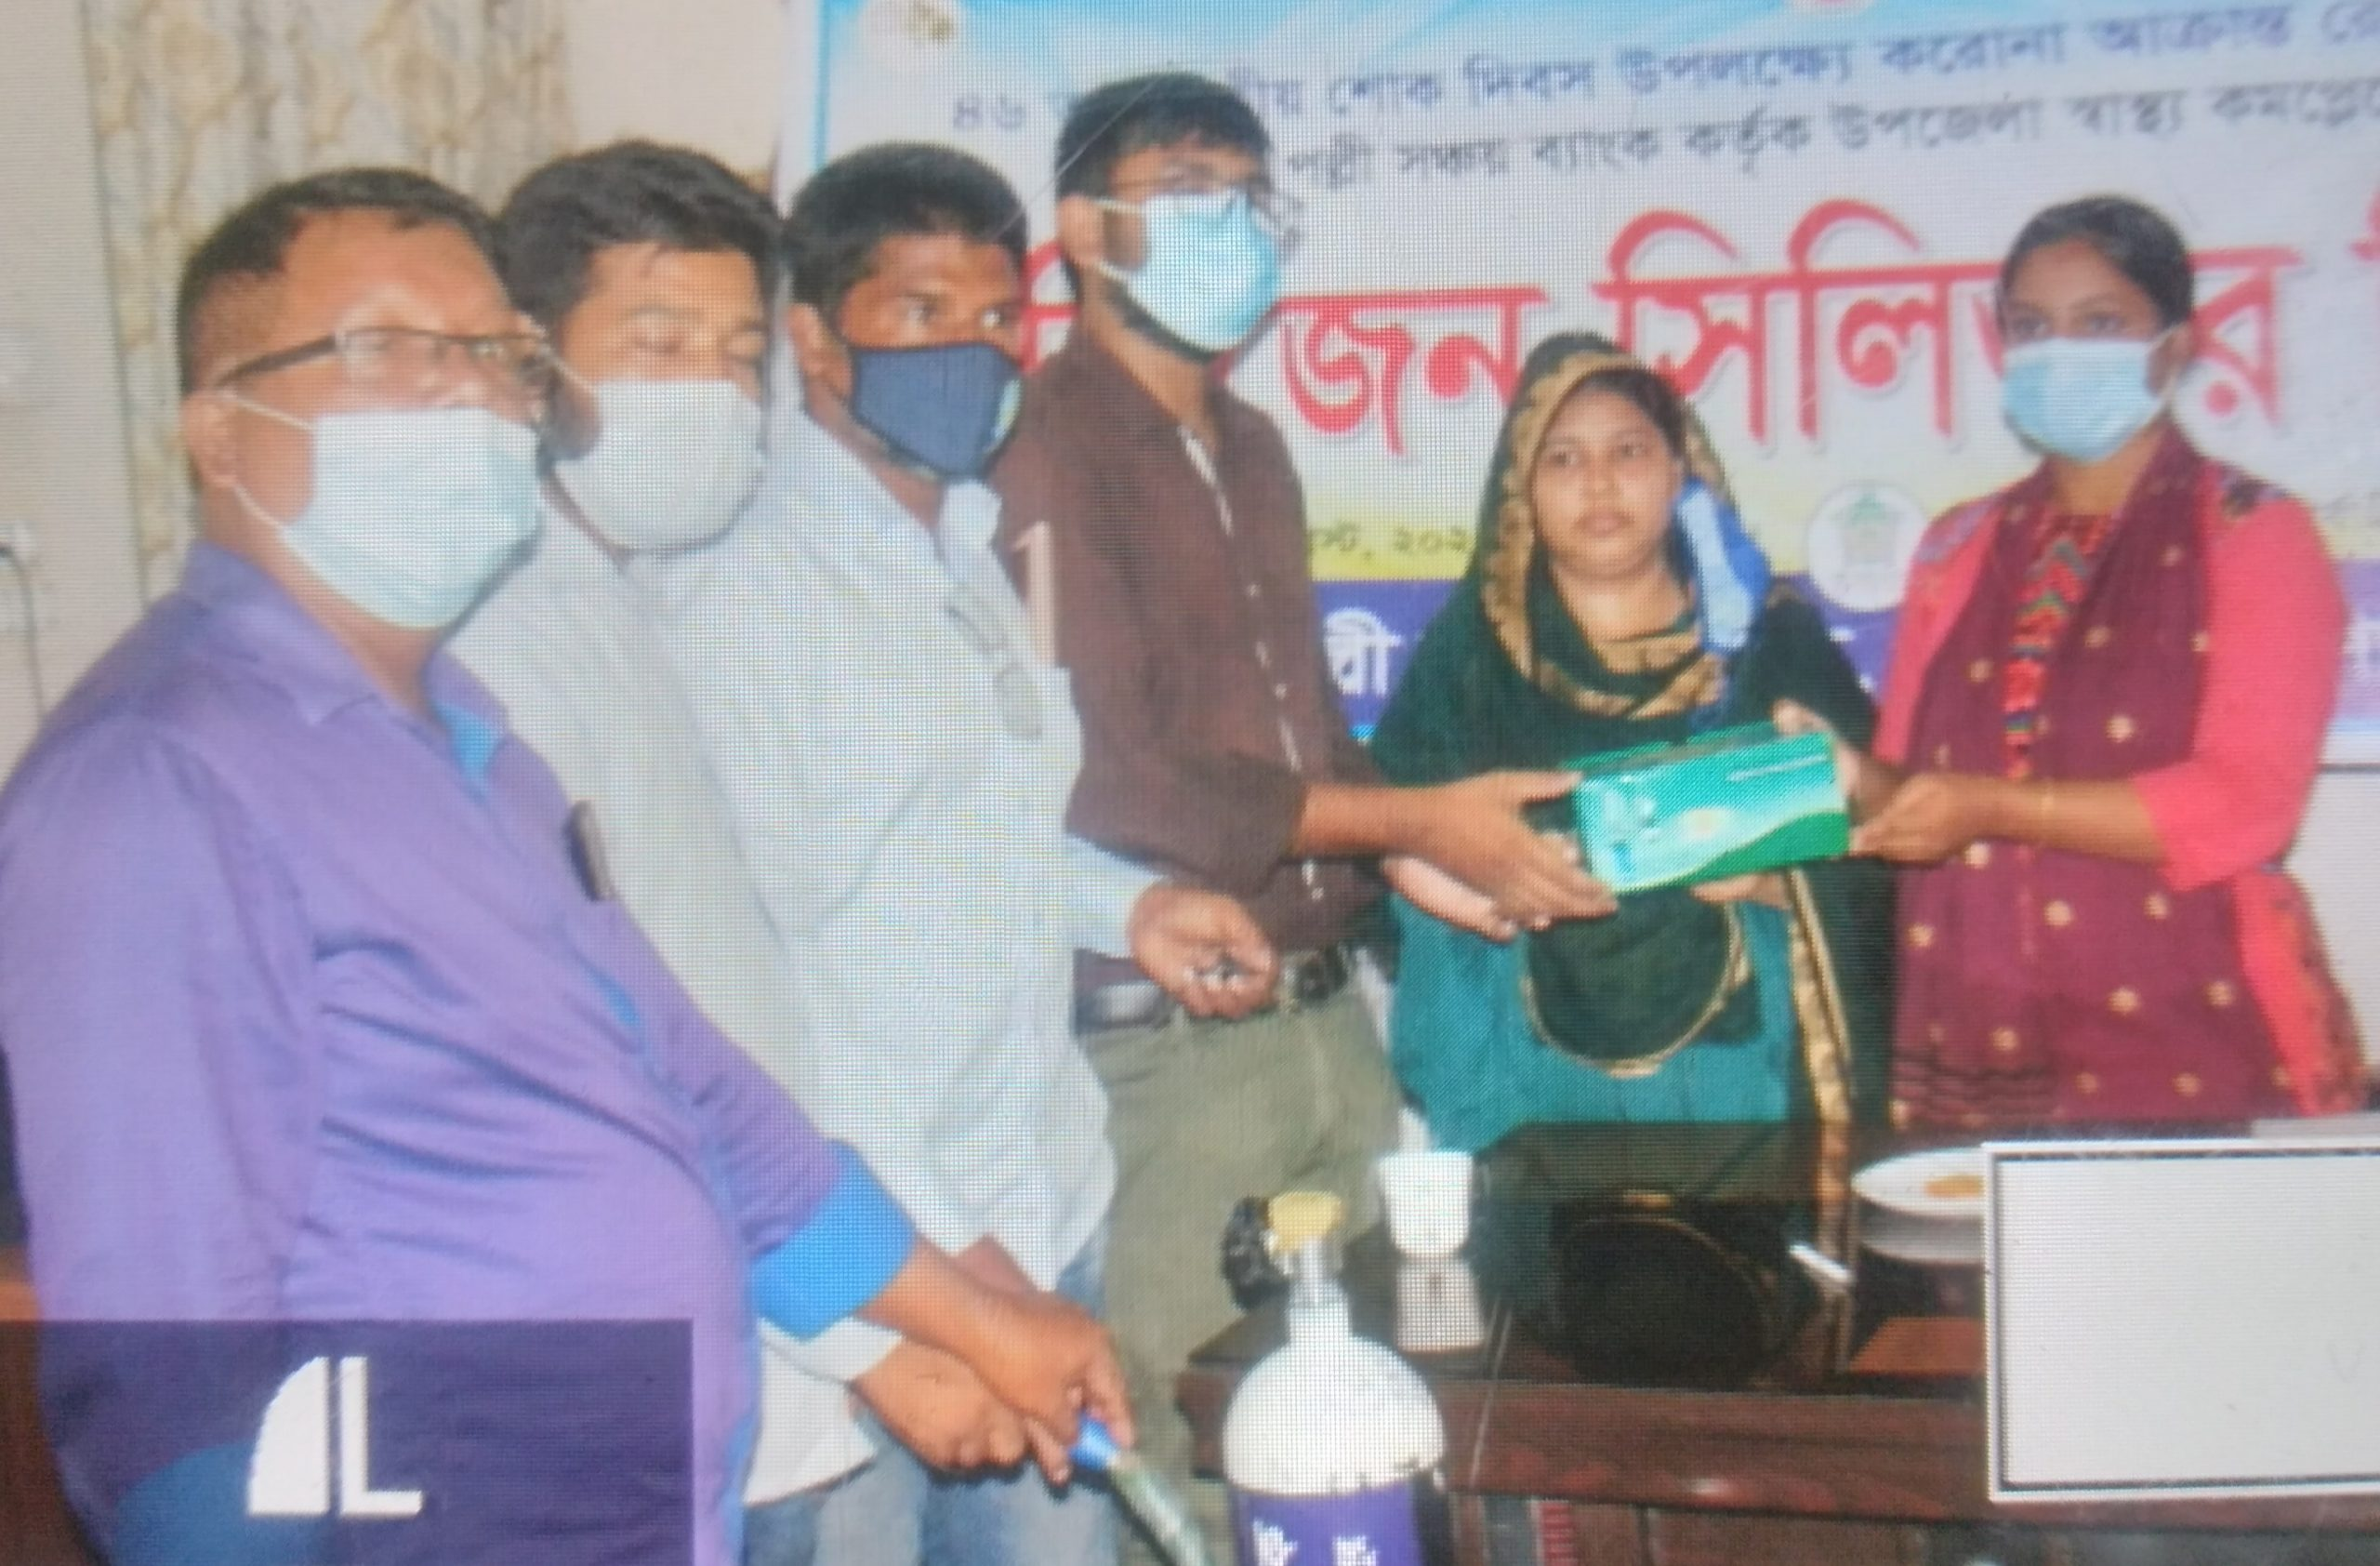 ইন্দুরকানীতে ফ্রি অক্সিজেন ব্যাংক চালু